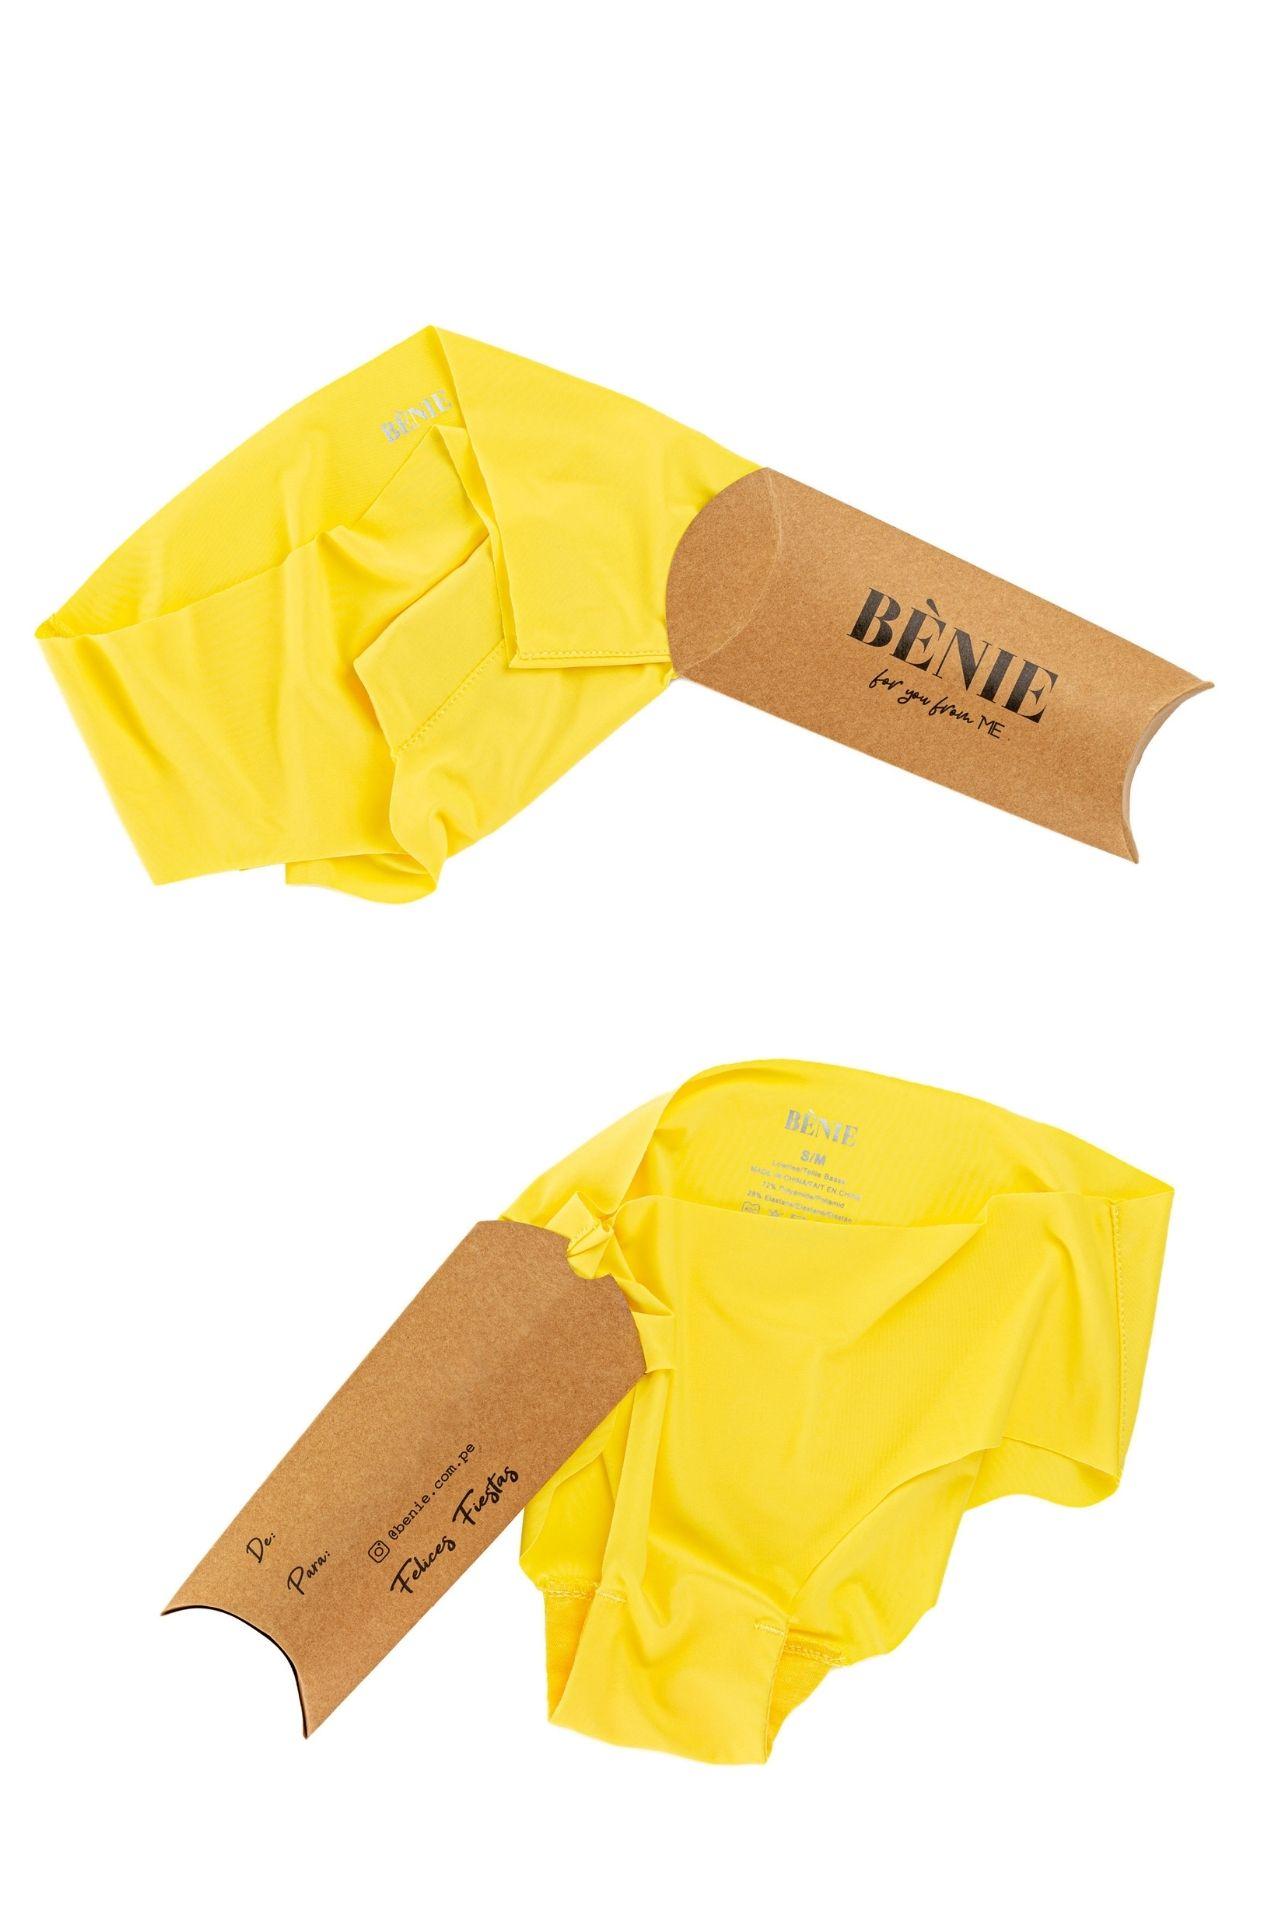 Empieza el 2021 libre, sin costuras, alegre, optimista y llena de energía con los calzones invisibles amarillos Bènie. Cuentan con una protección de algodón en la zona íntima para la máxima comodidad y seguridad. Presentación: Cajitas de regalo individual  Medidas:  Cadera  77-87 cm  88-98 cm